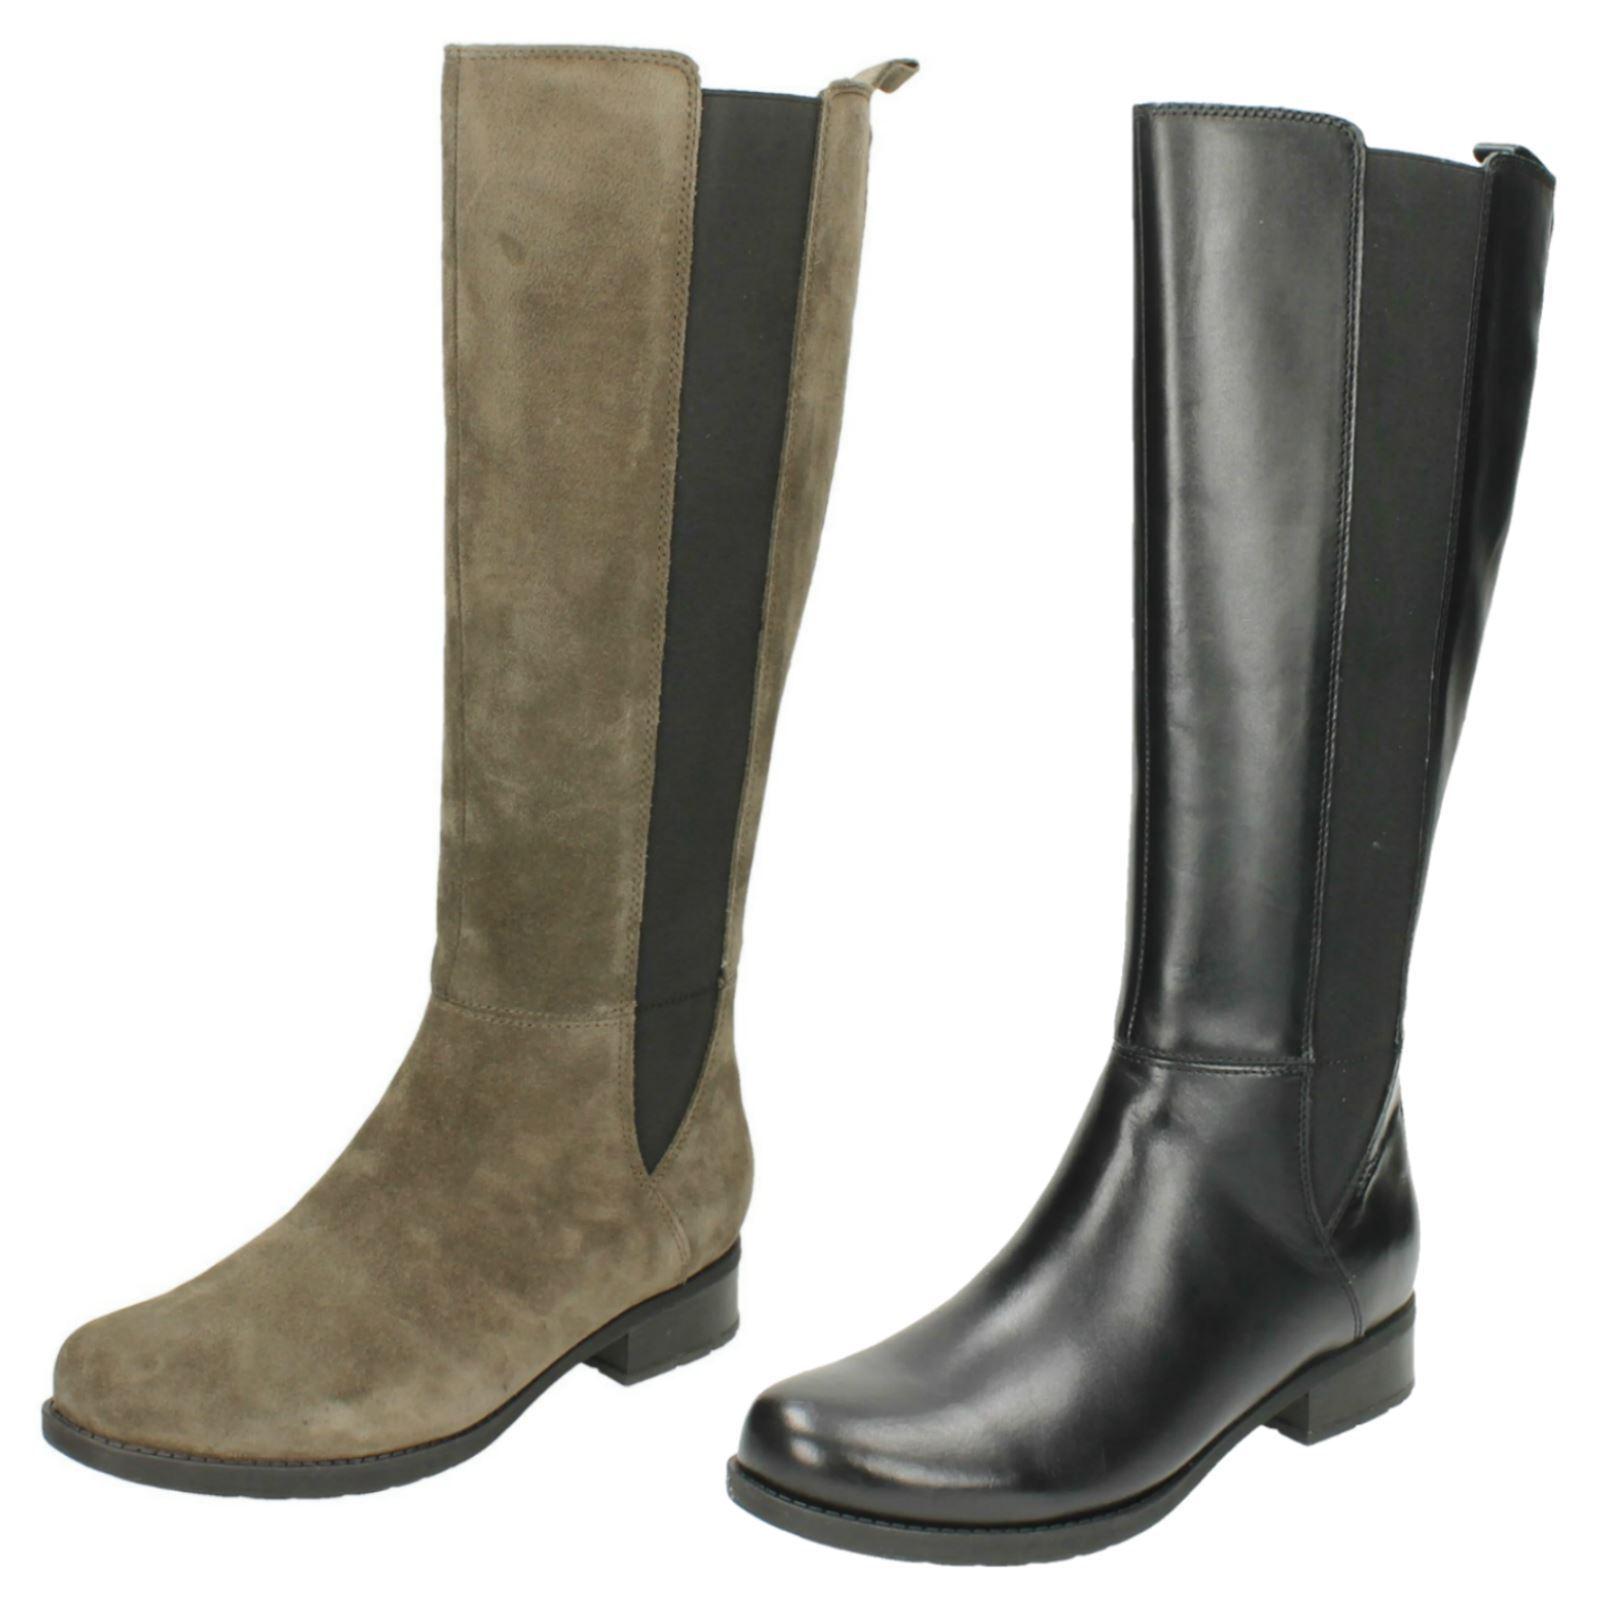 Femmes clarks verlie gail cuir noir ou gris en daim décontracté bottes hautes